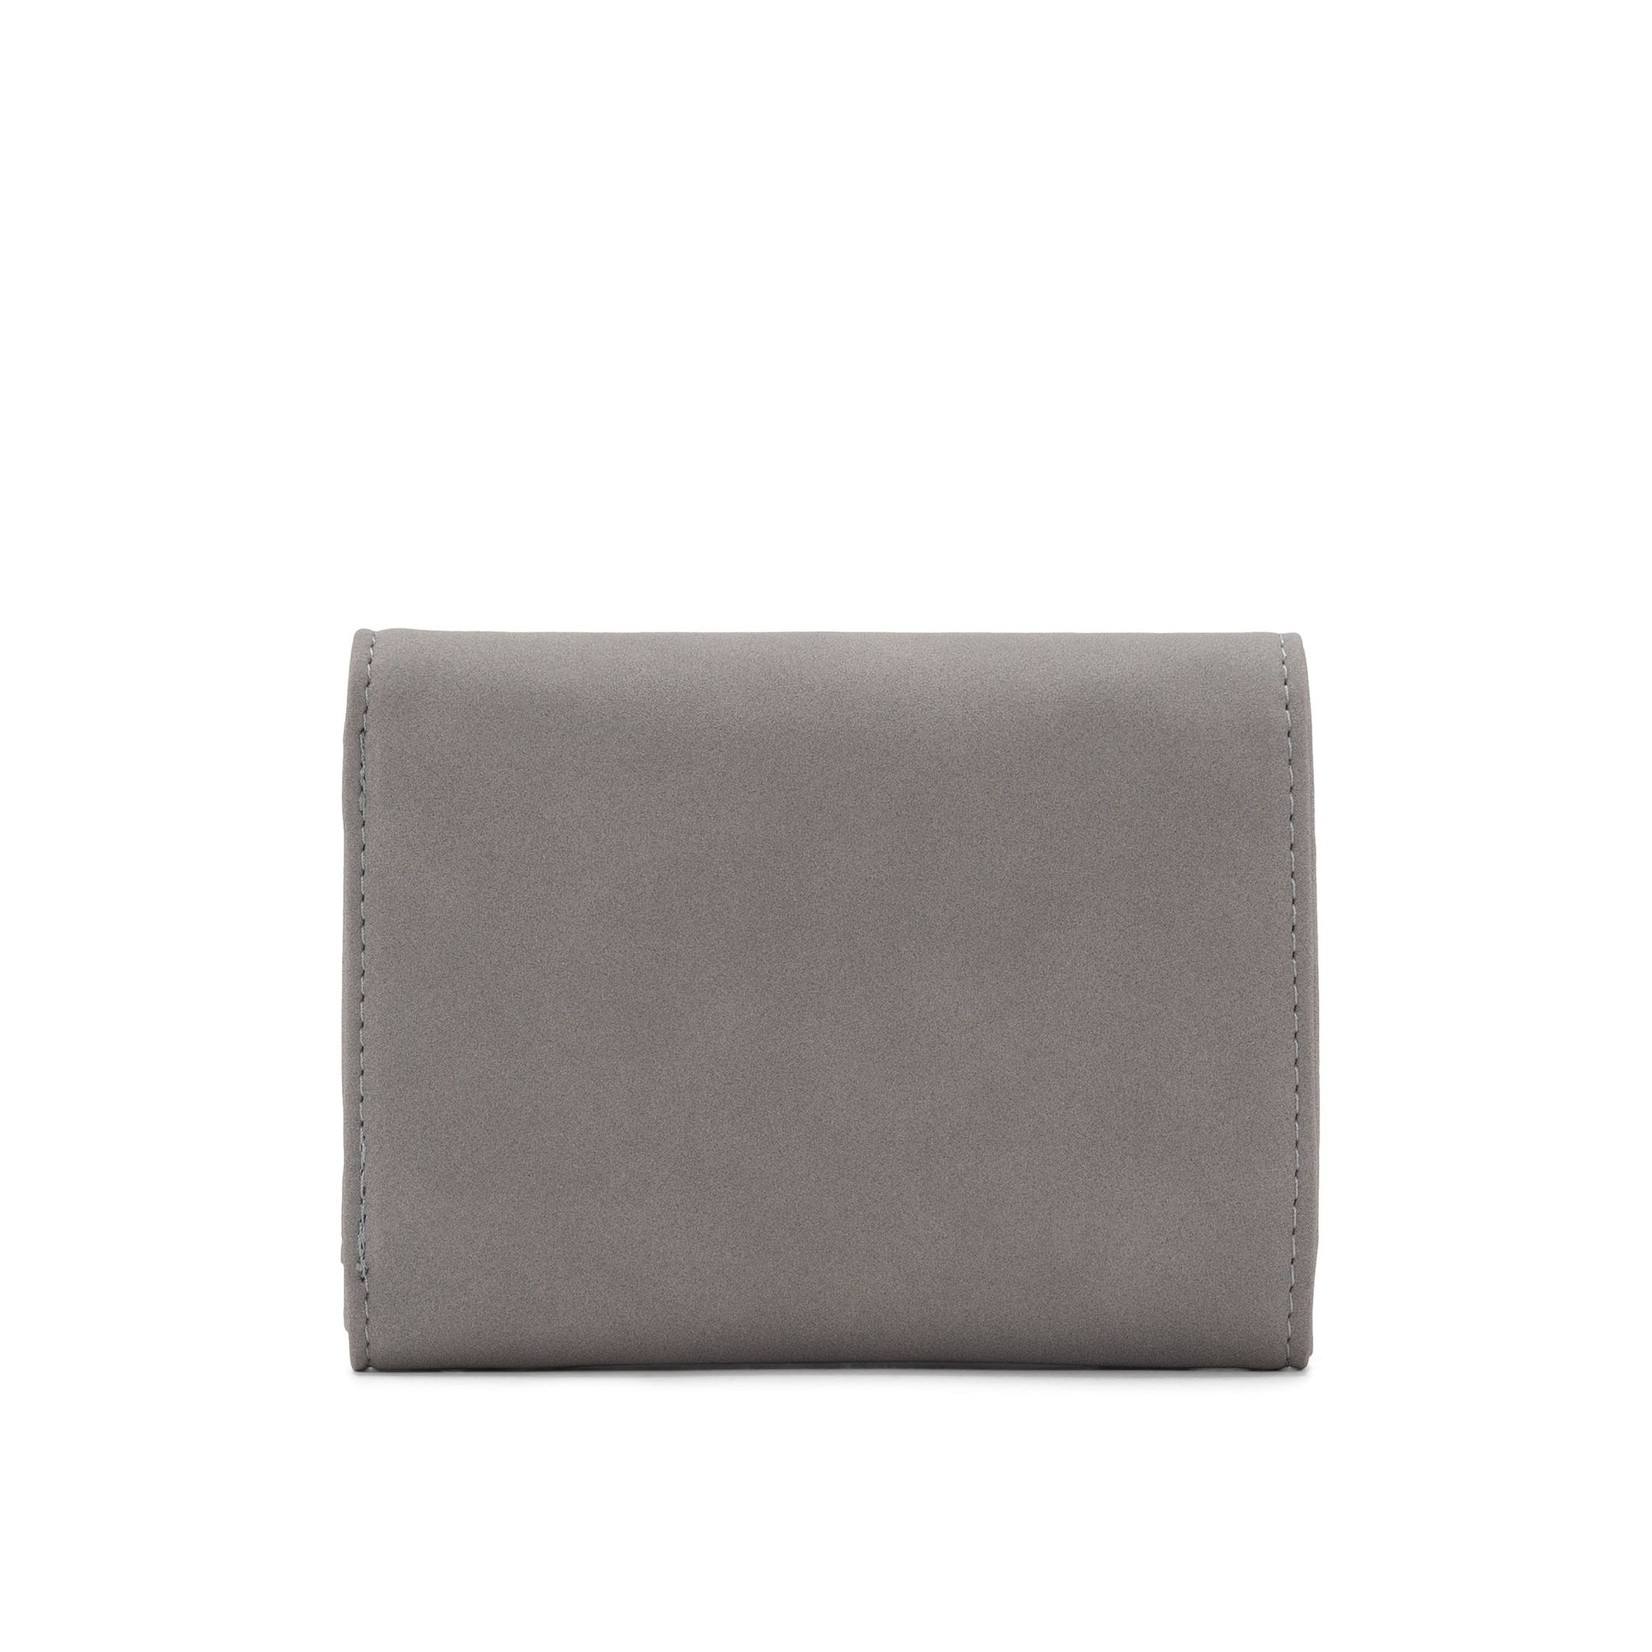 Co-lab Co-lab portefeuille gris